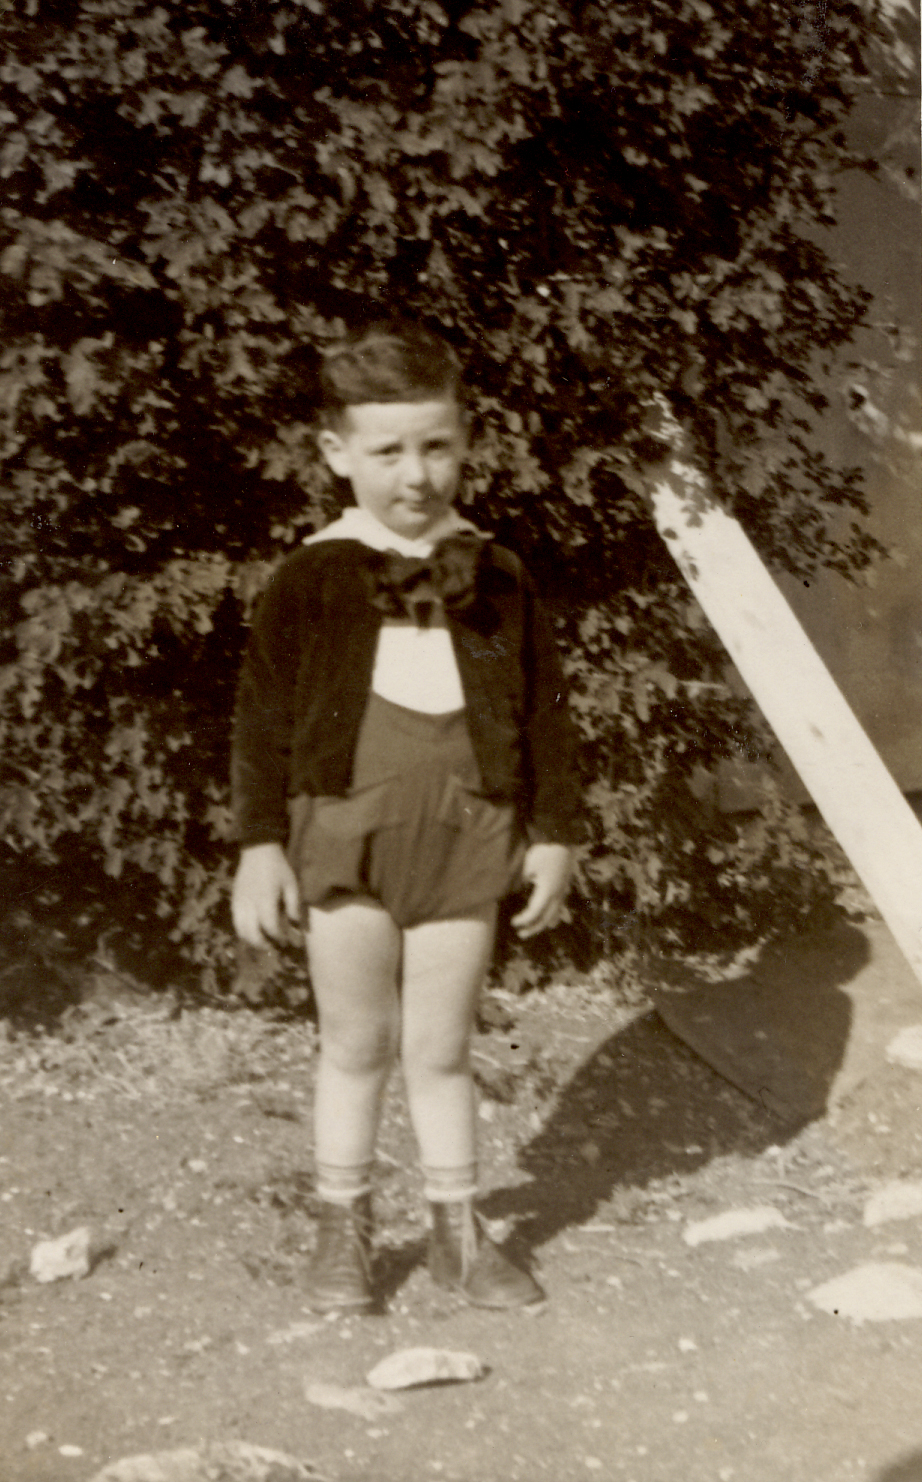 ילד בקיבוץ לבוש בבגדי חג